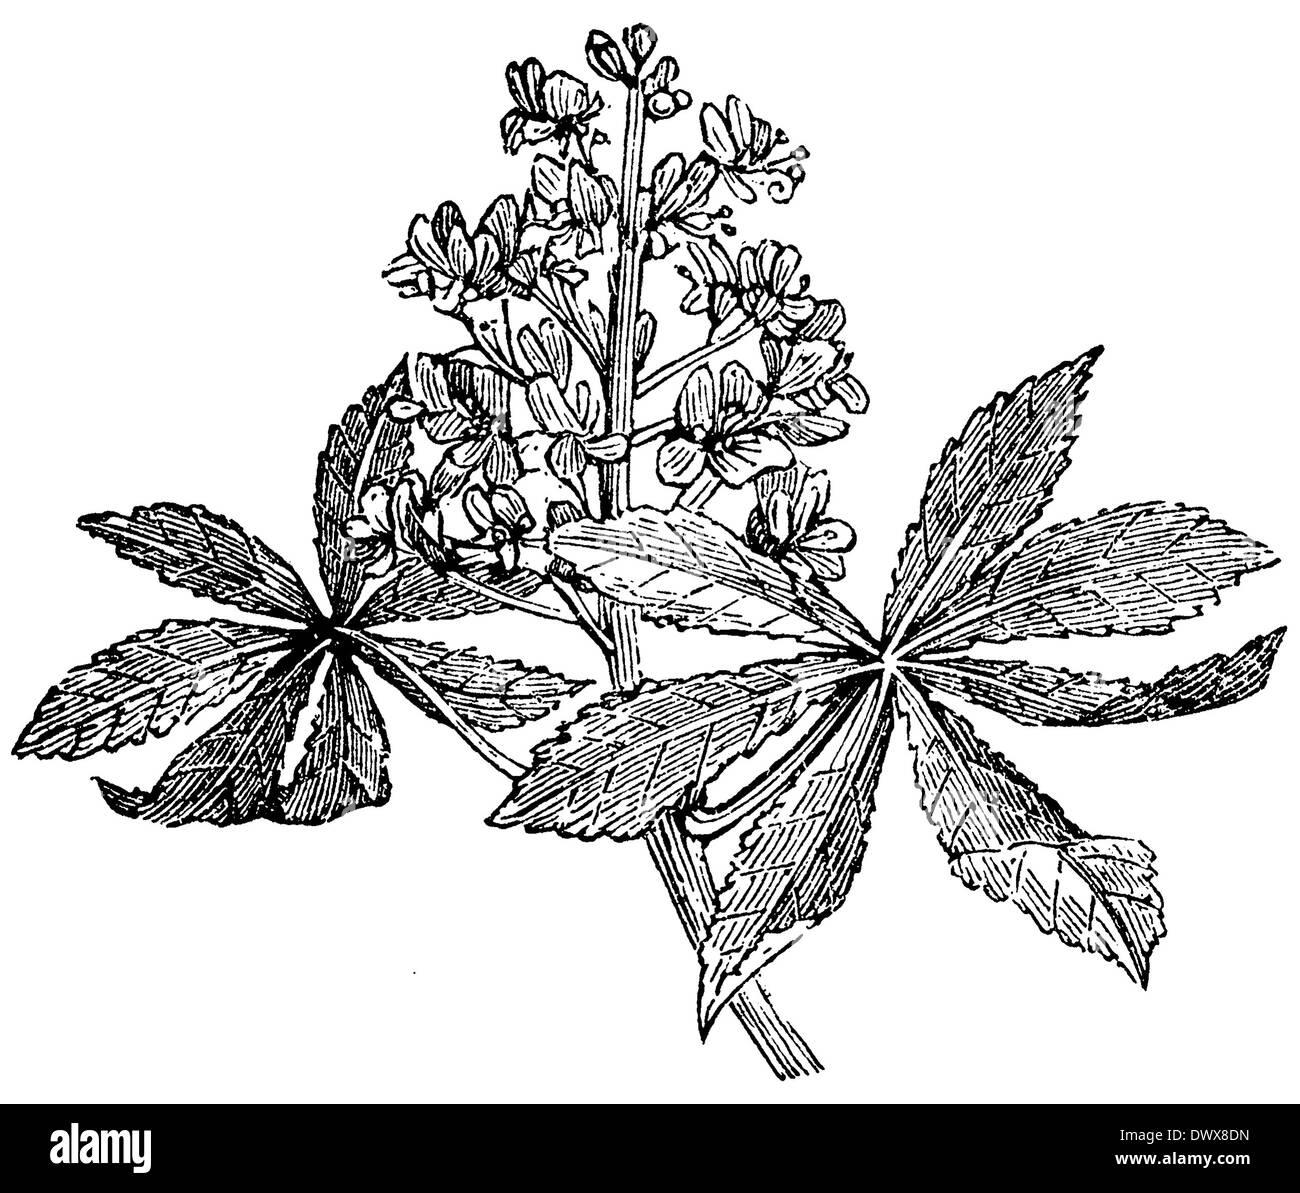 Buckeye - Stock Image